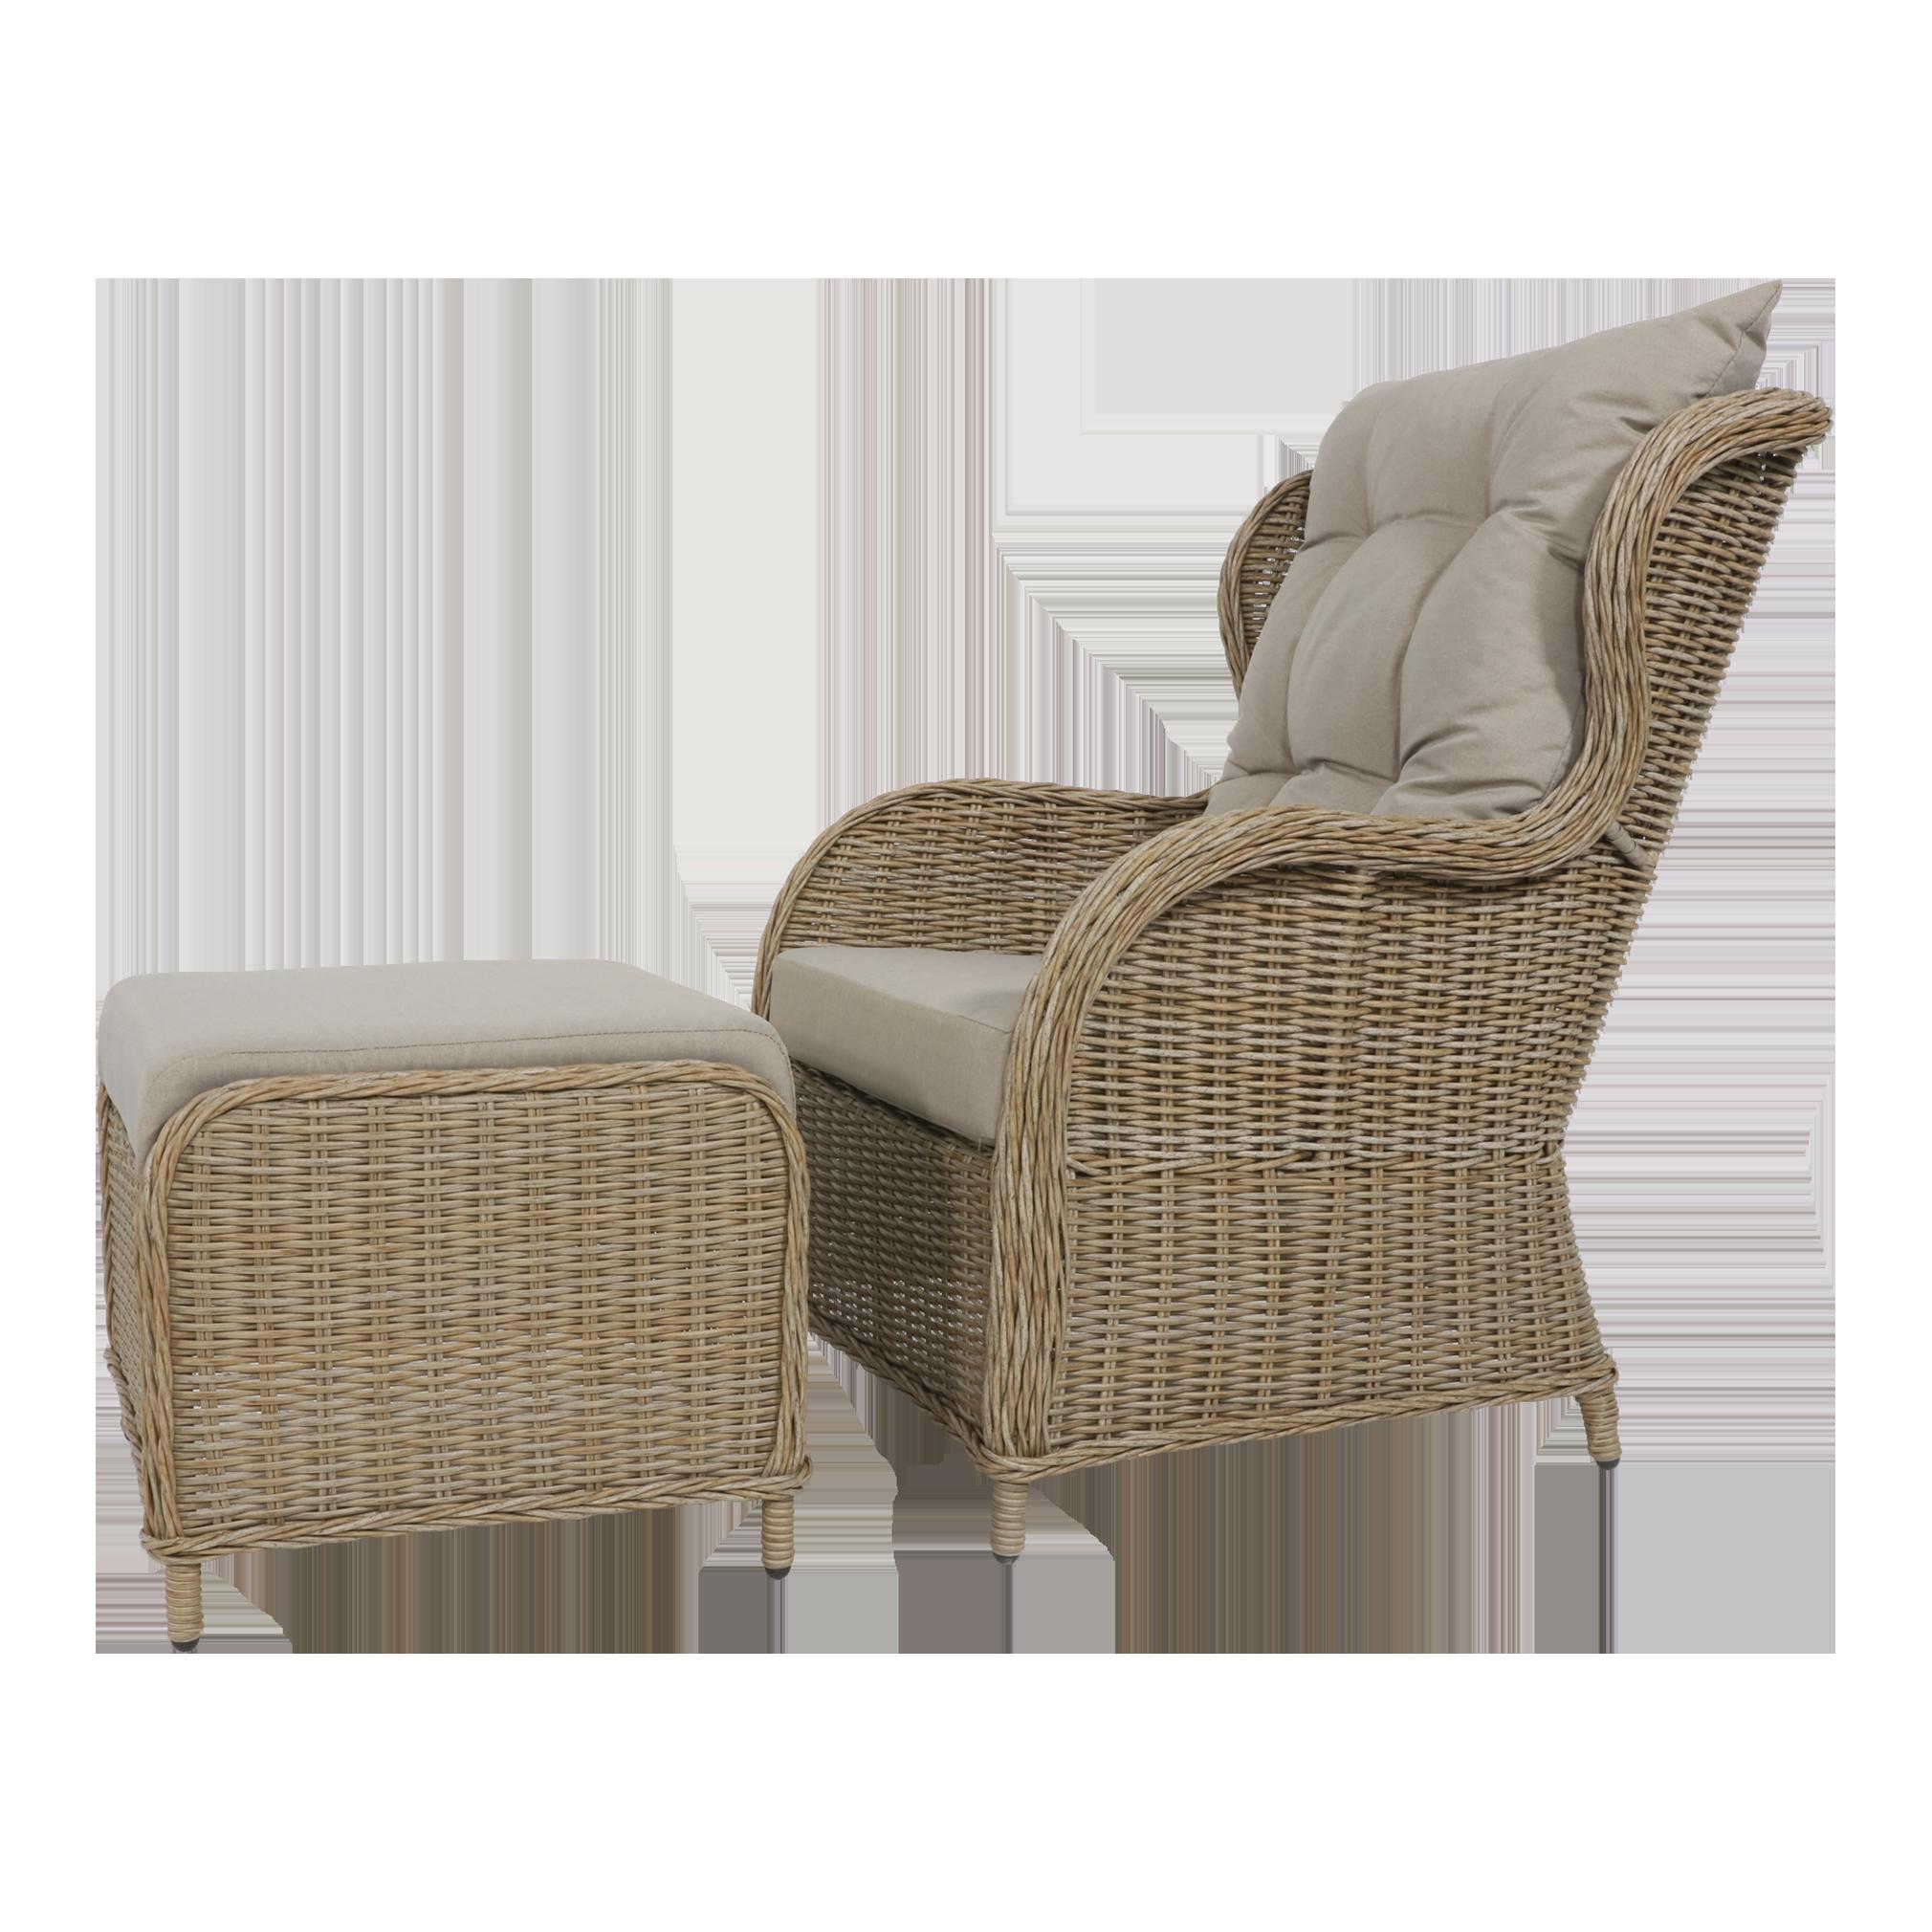 Gartenmöbel Set Bonaire 2 Sessel 1 Tisch 2 Fußbänke taupe | eBay